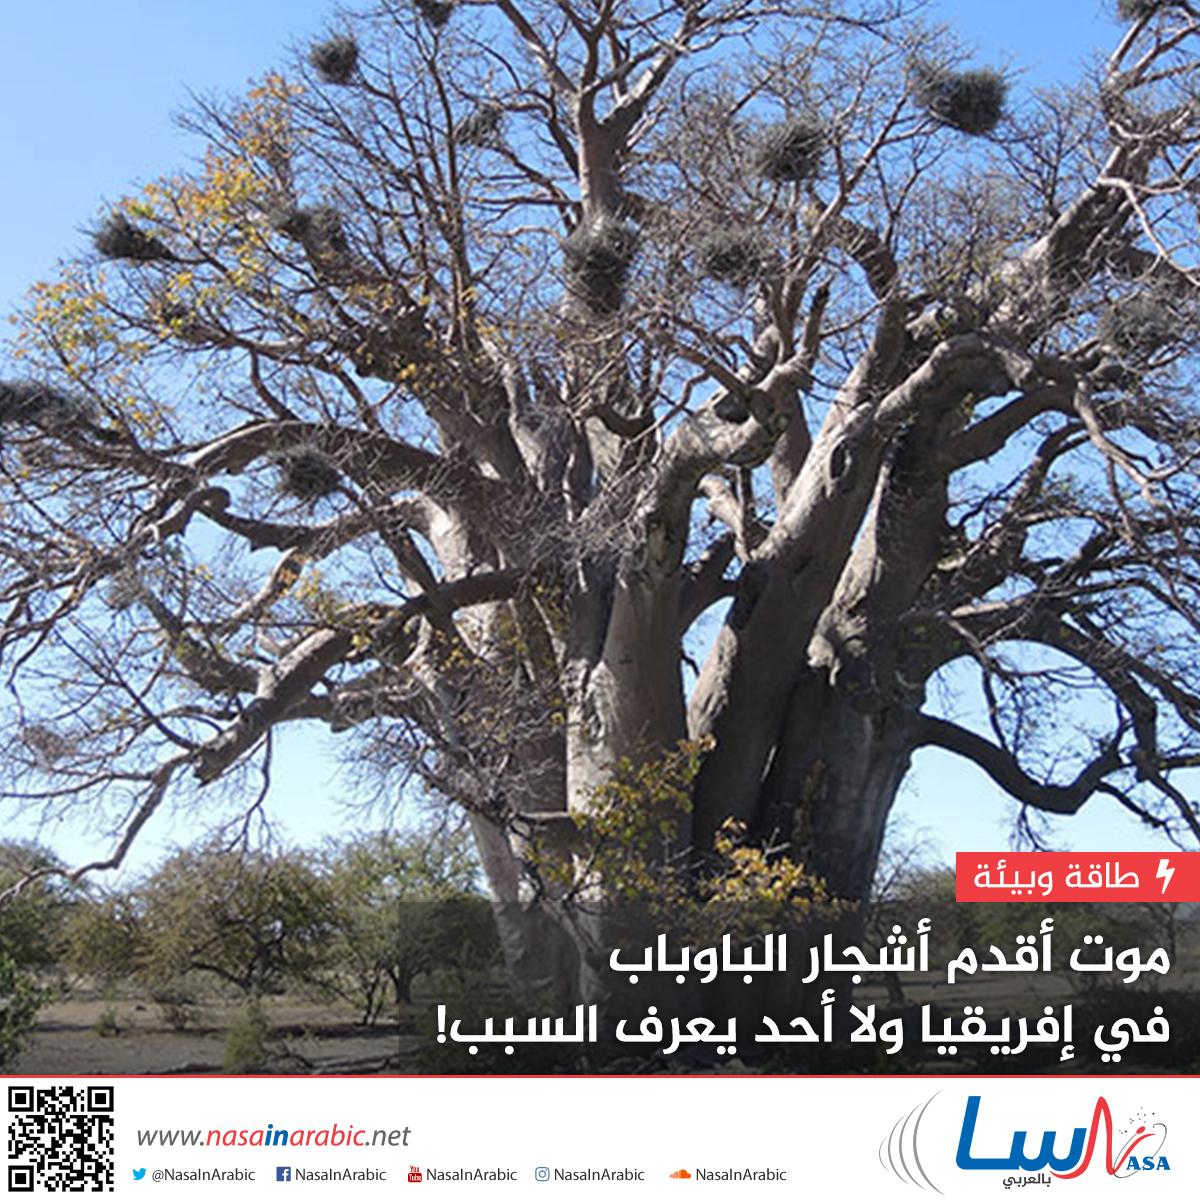 موت أقدم أشجار الباوباب في إفريقيا ولا أحد يعرف السبب!